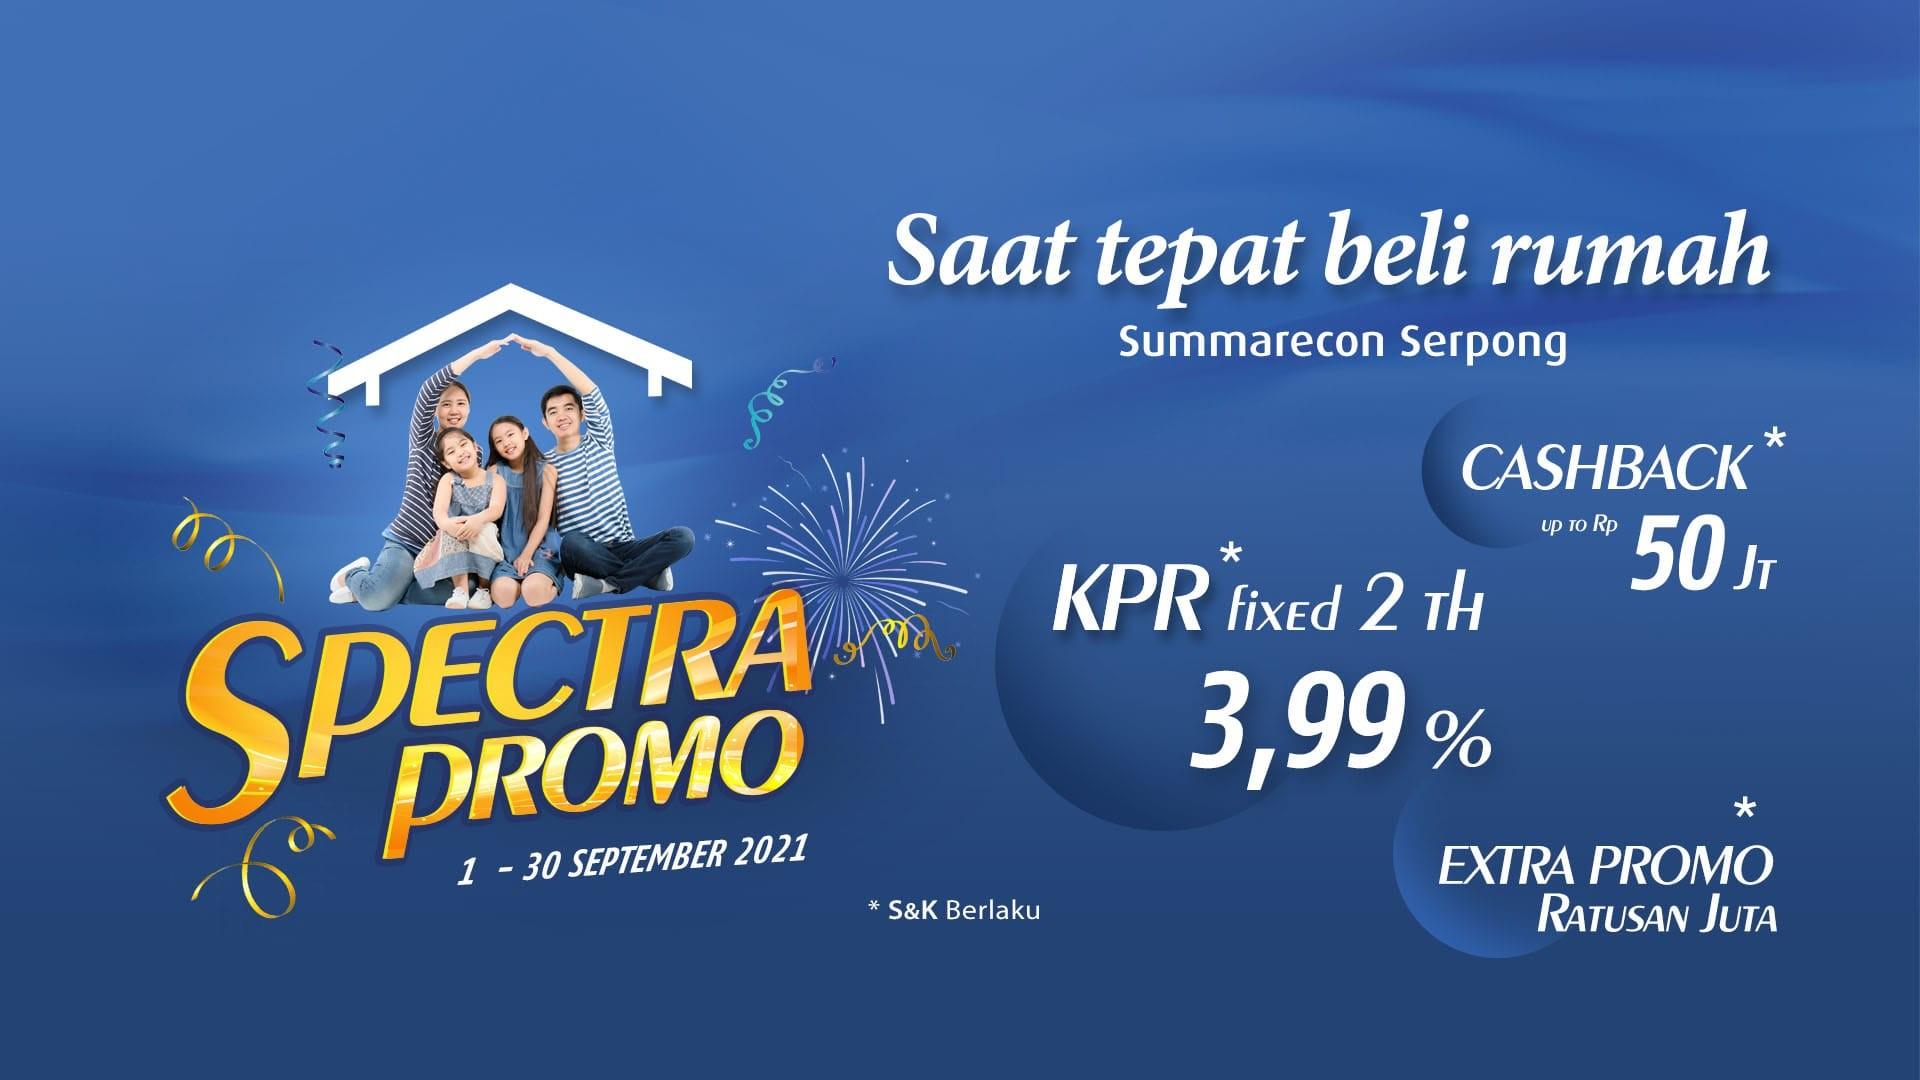 Spectra Promo